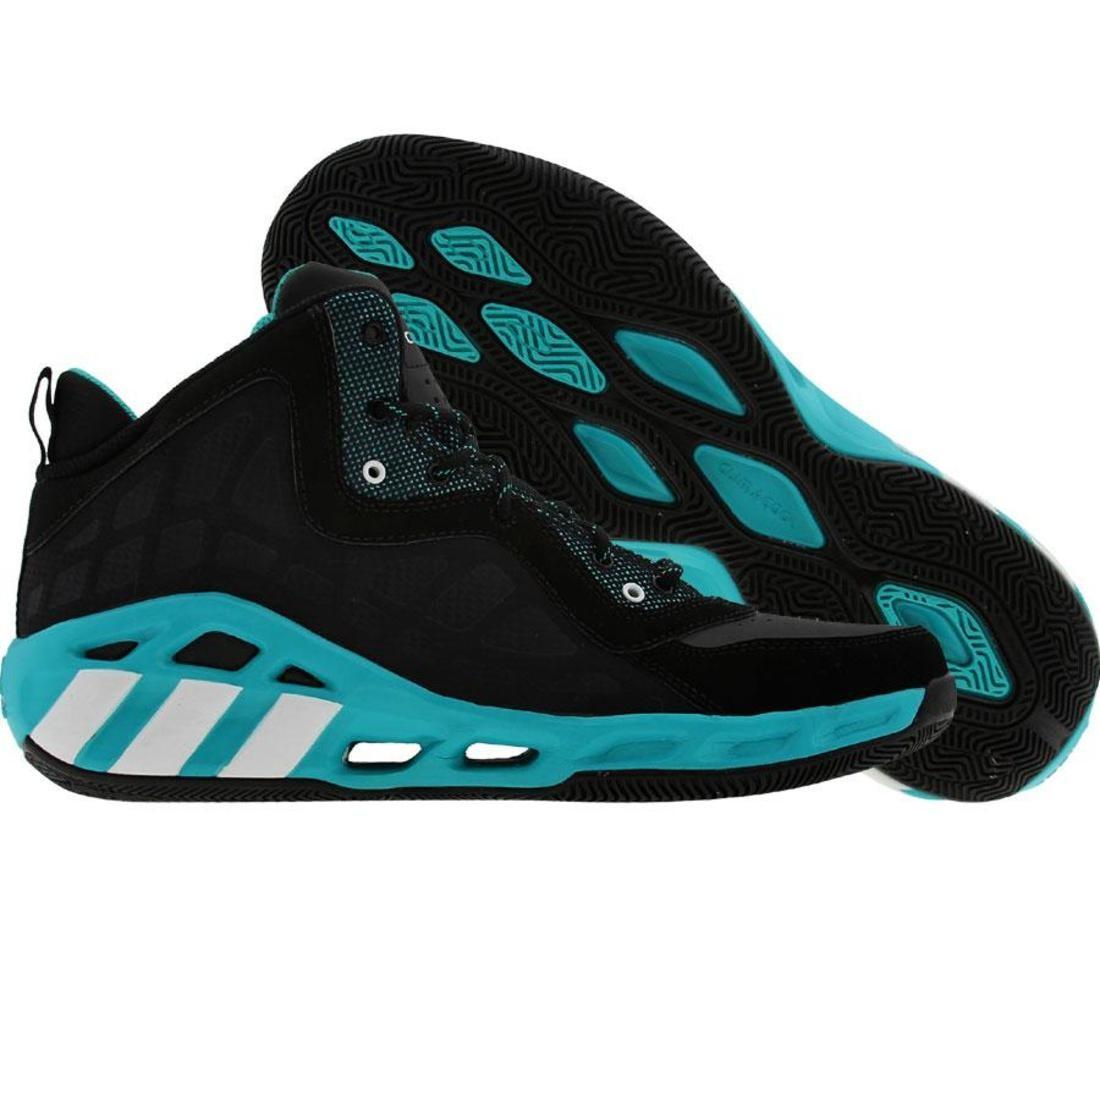 【海外限定】アディダス クレイジー クール ウルトラ メンズ靴 スニーカー 【 ADIDAS ULTRA CRAZY COOL BLACK RUNNINWHITE GREEN 】